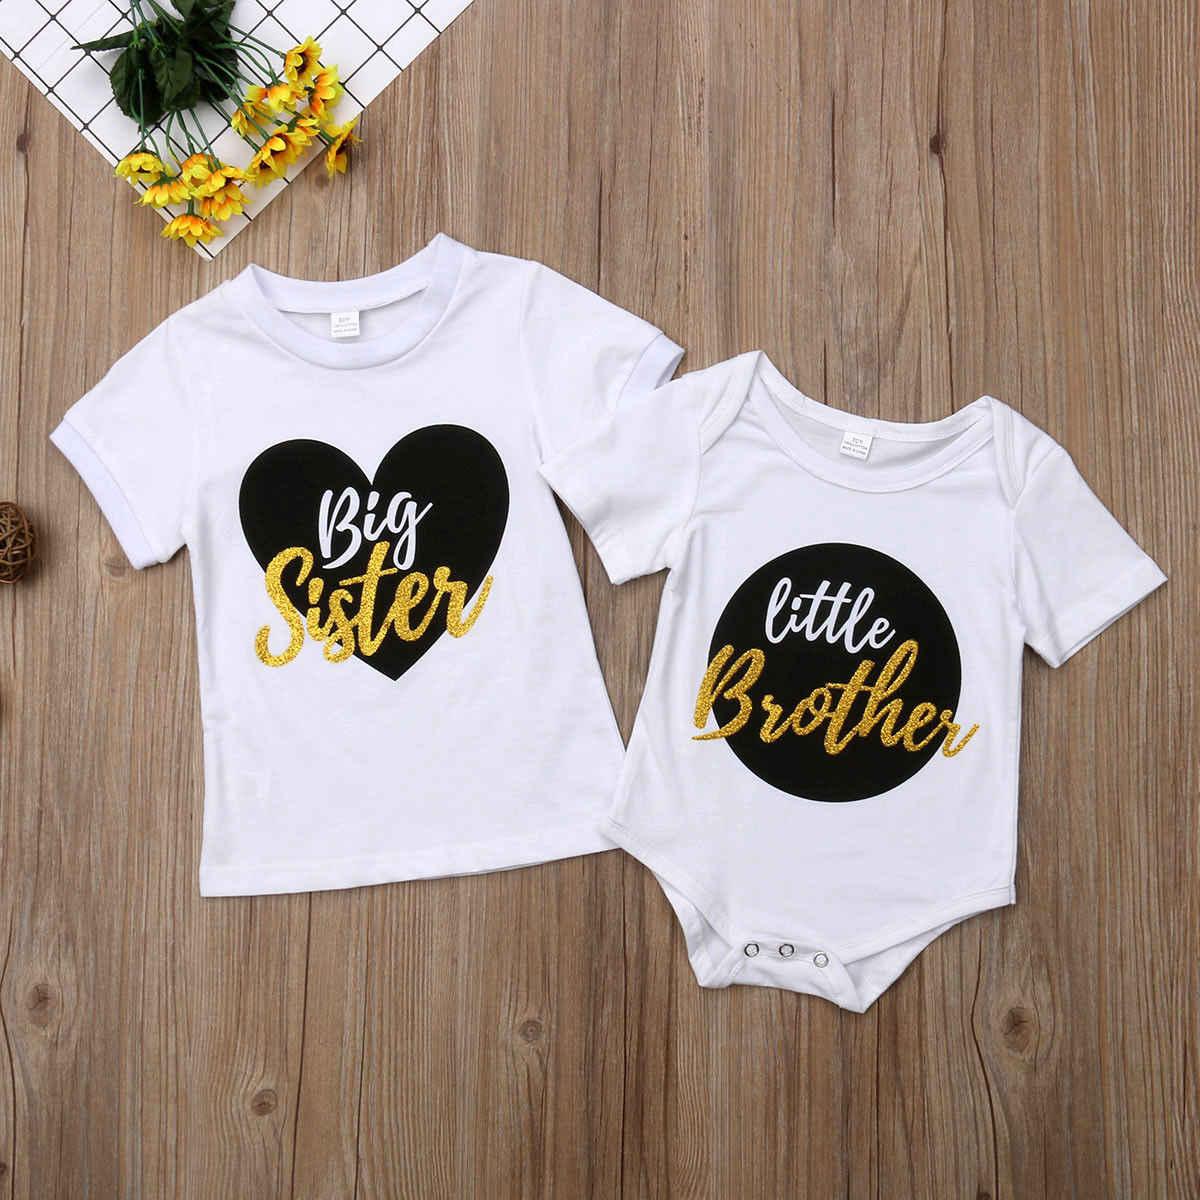 Ropa a juego de la familia Big Sister Little Brother Match Conjuntos Bebé niño Romper niñas camiseta hija familia ropa